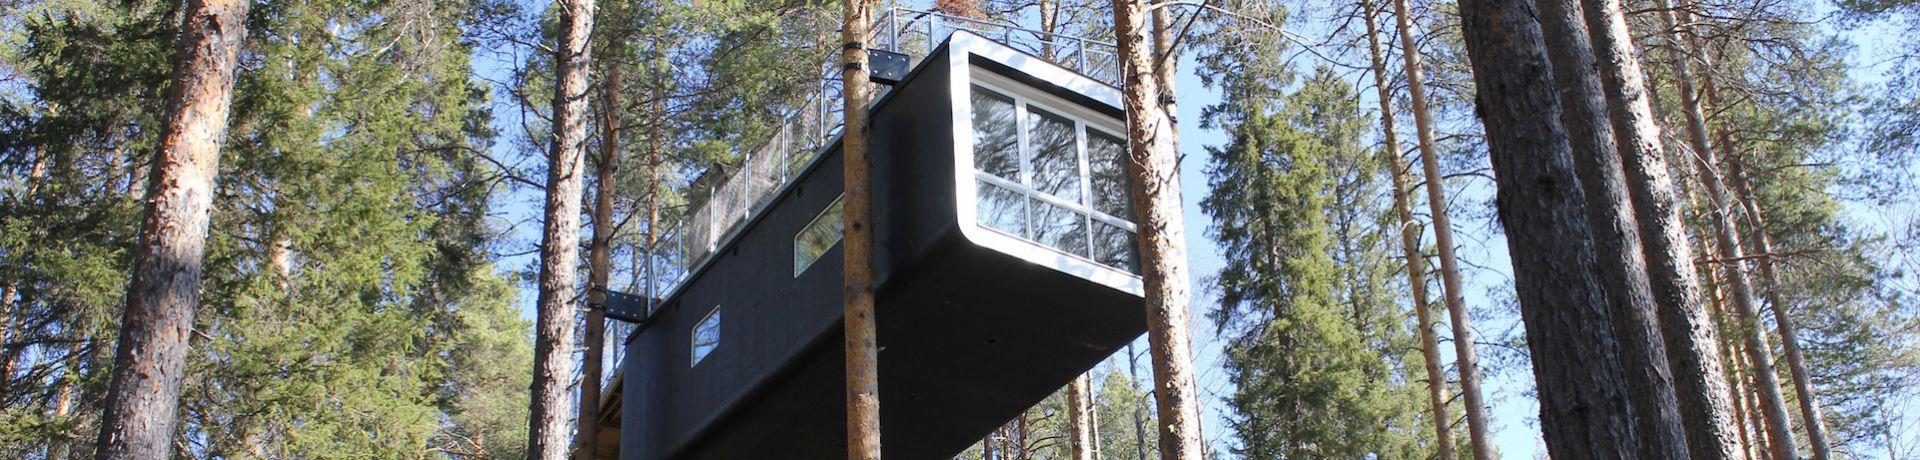 Supertrips - Treehotel Zweden